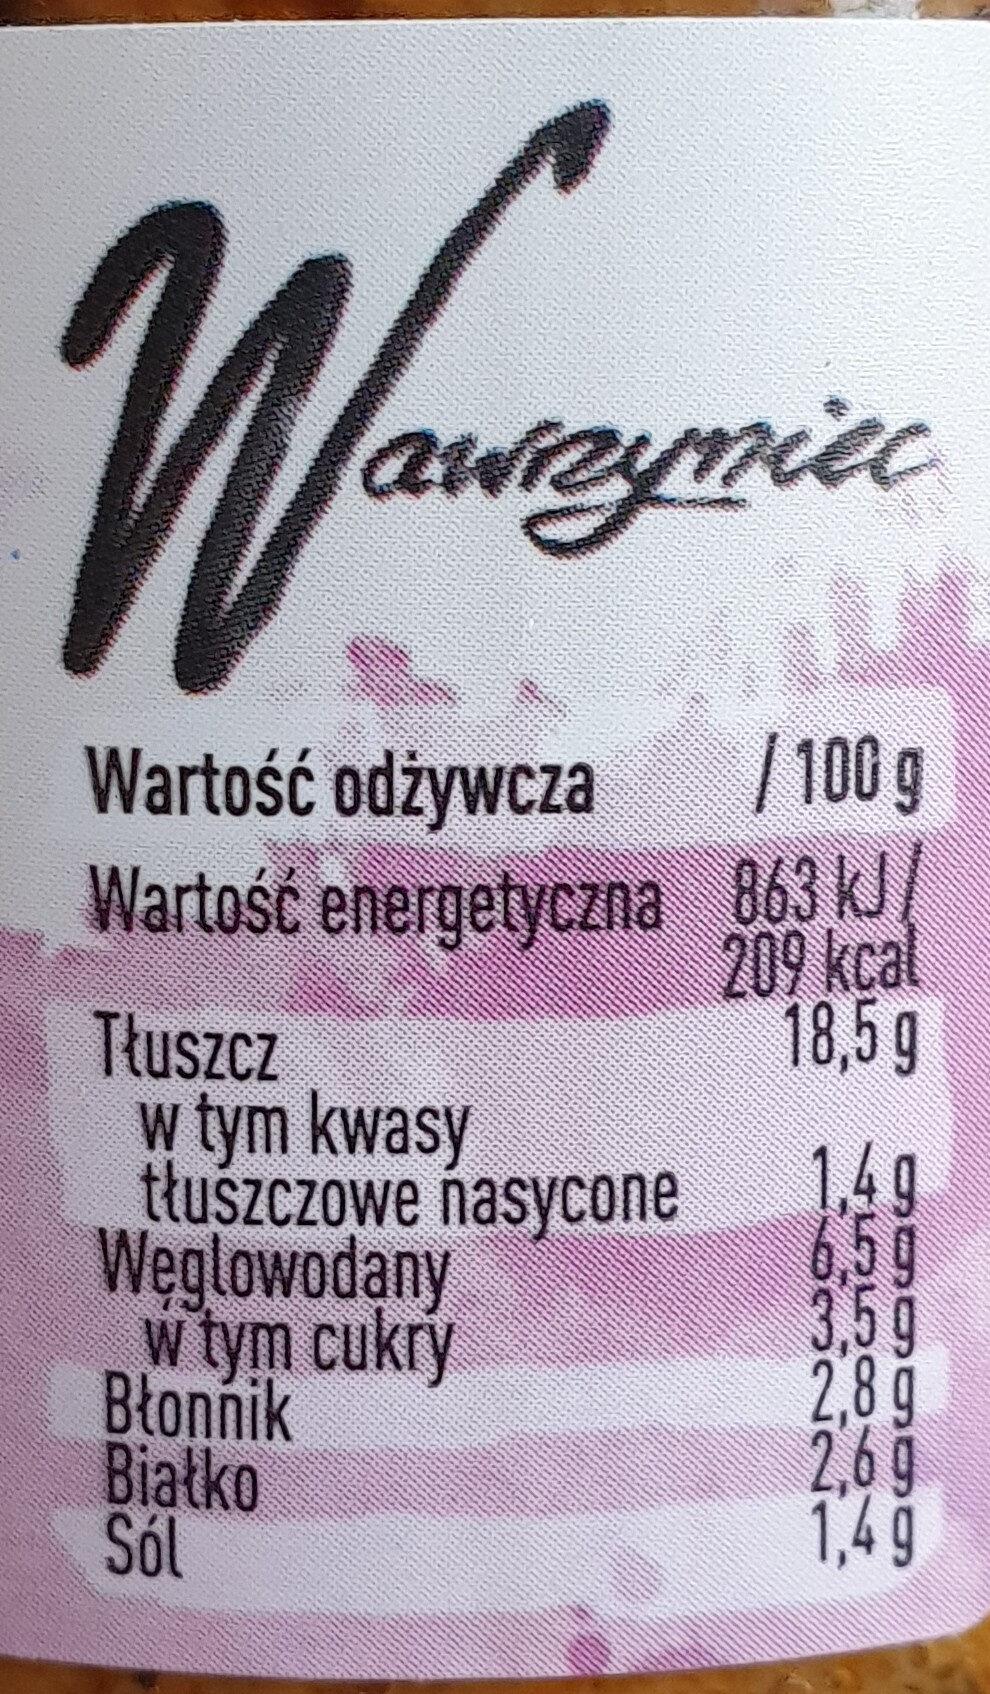 Wawrzyniec z grillowanym bakłażanem - Wartości odżywcze - pl